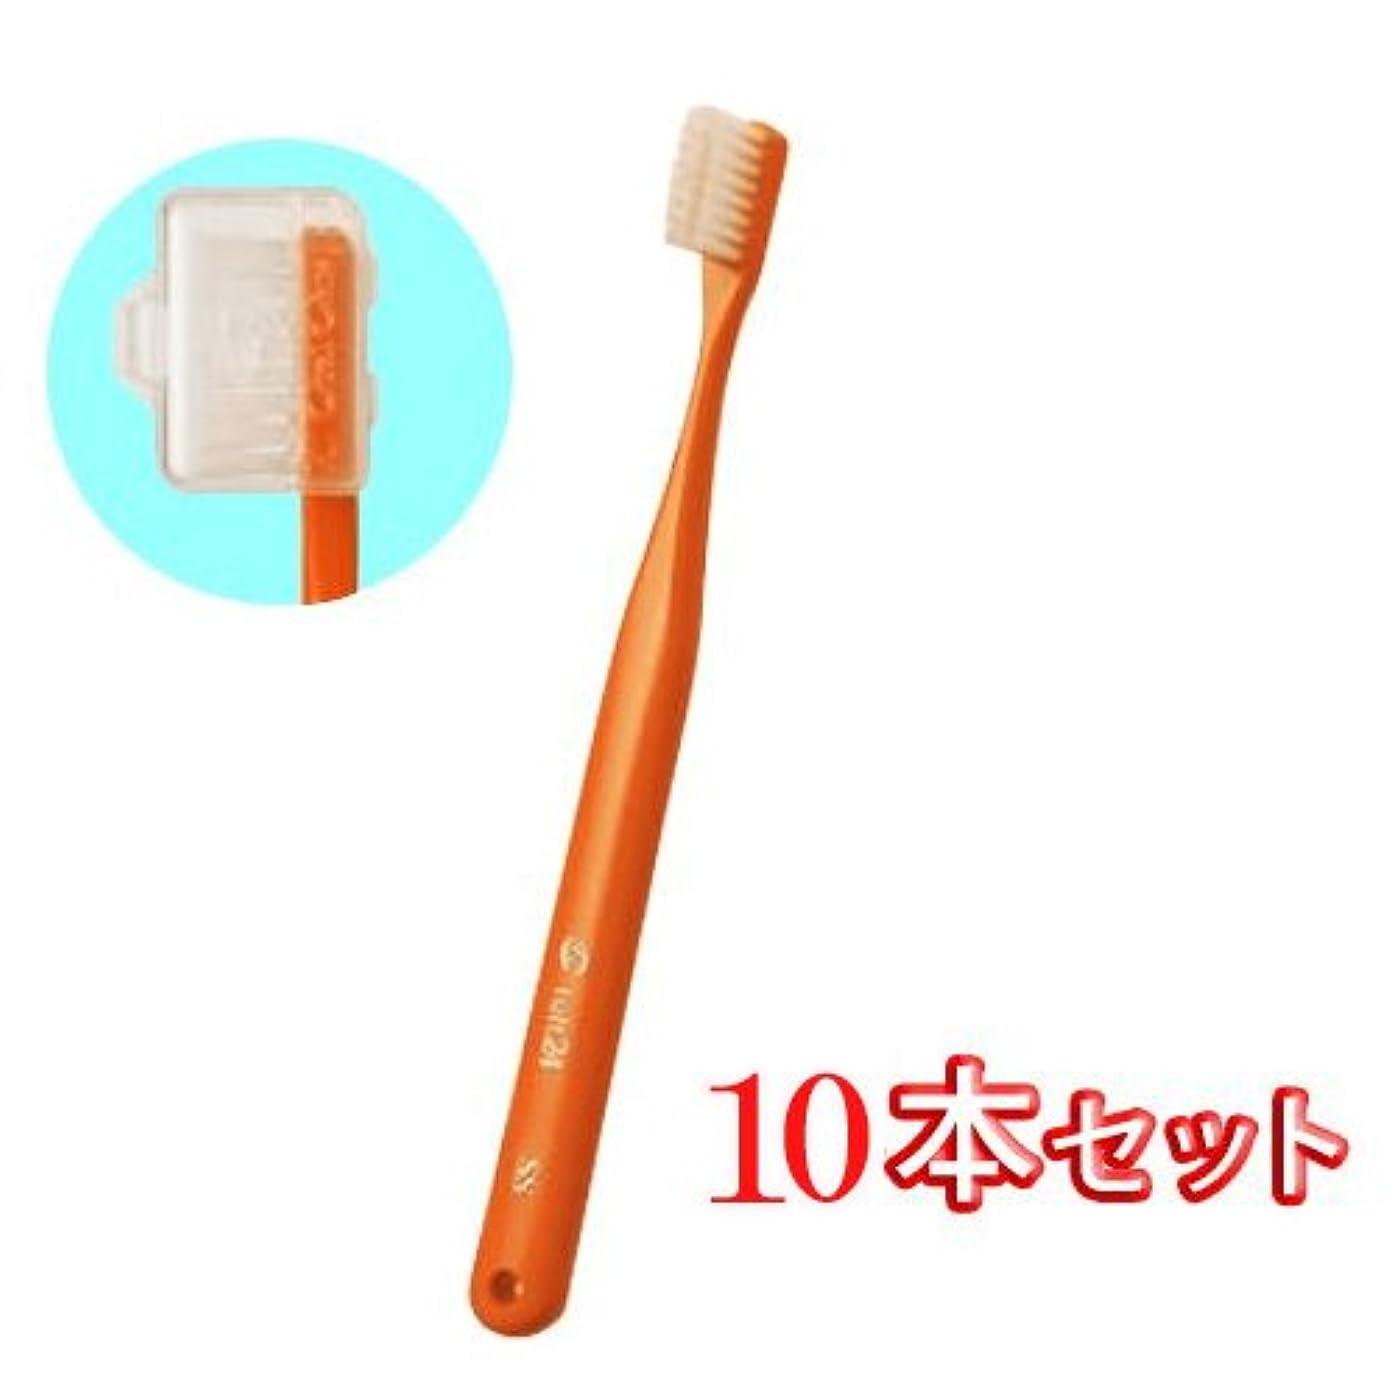 給料嘆く冒険者オーラルケア キャップ付き タフト 24 歯ブラシ スーパーソフト 10本 (オレンジ)